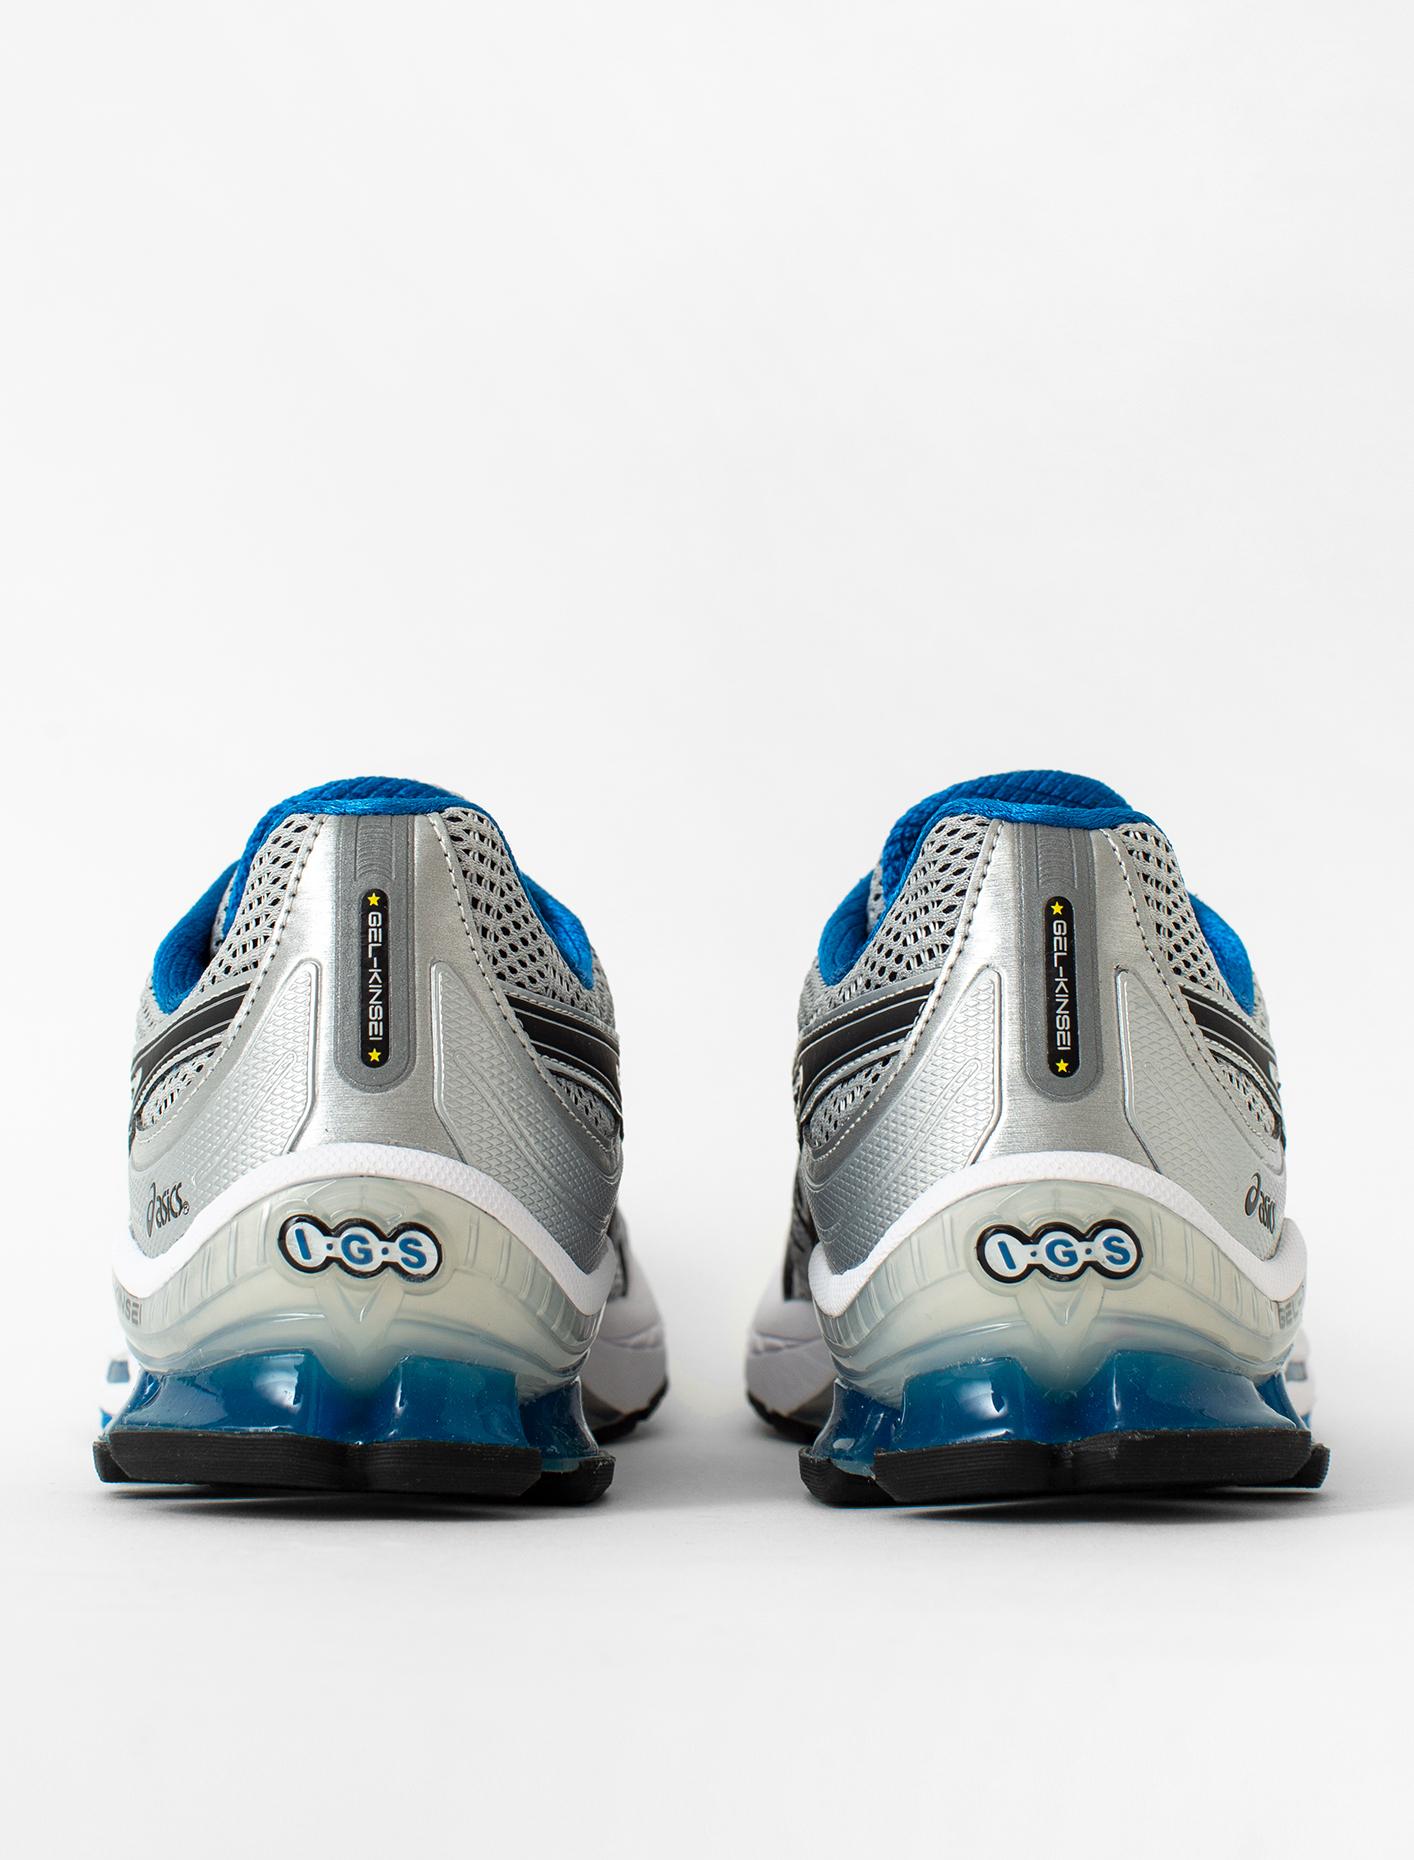 reputable site 569f0 4d1d5 Asics Gel-Kinsei OG Sneaker